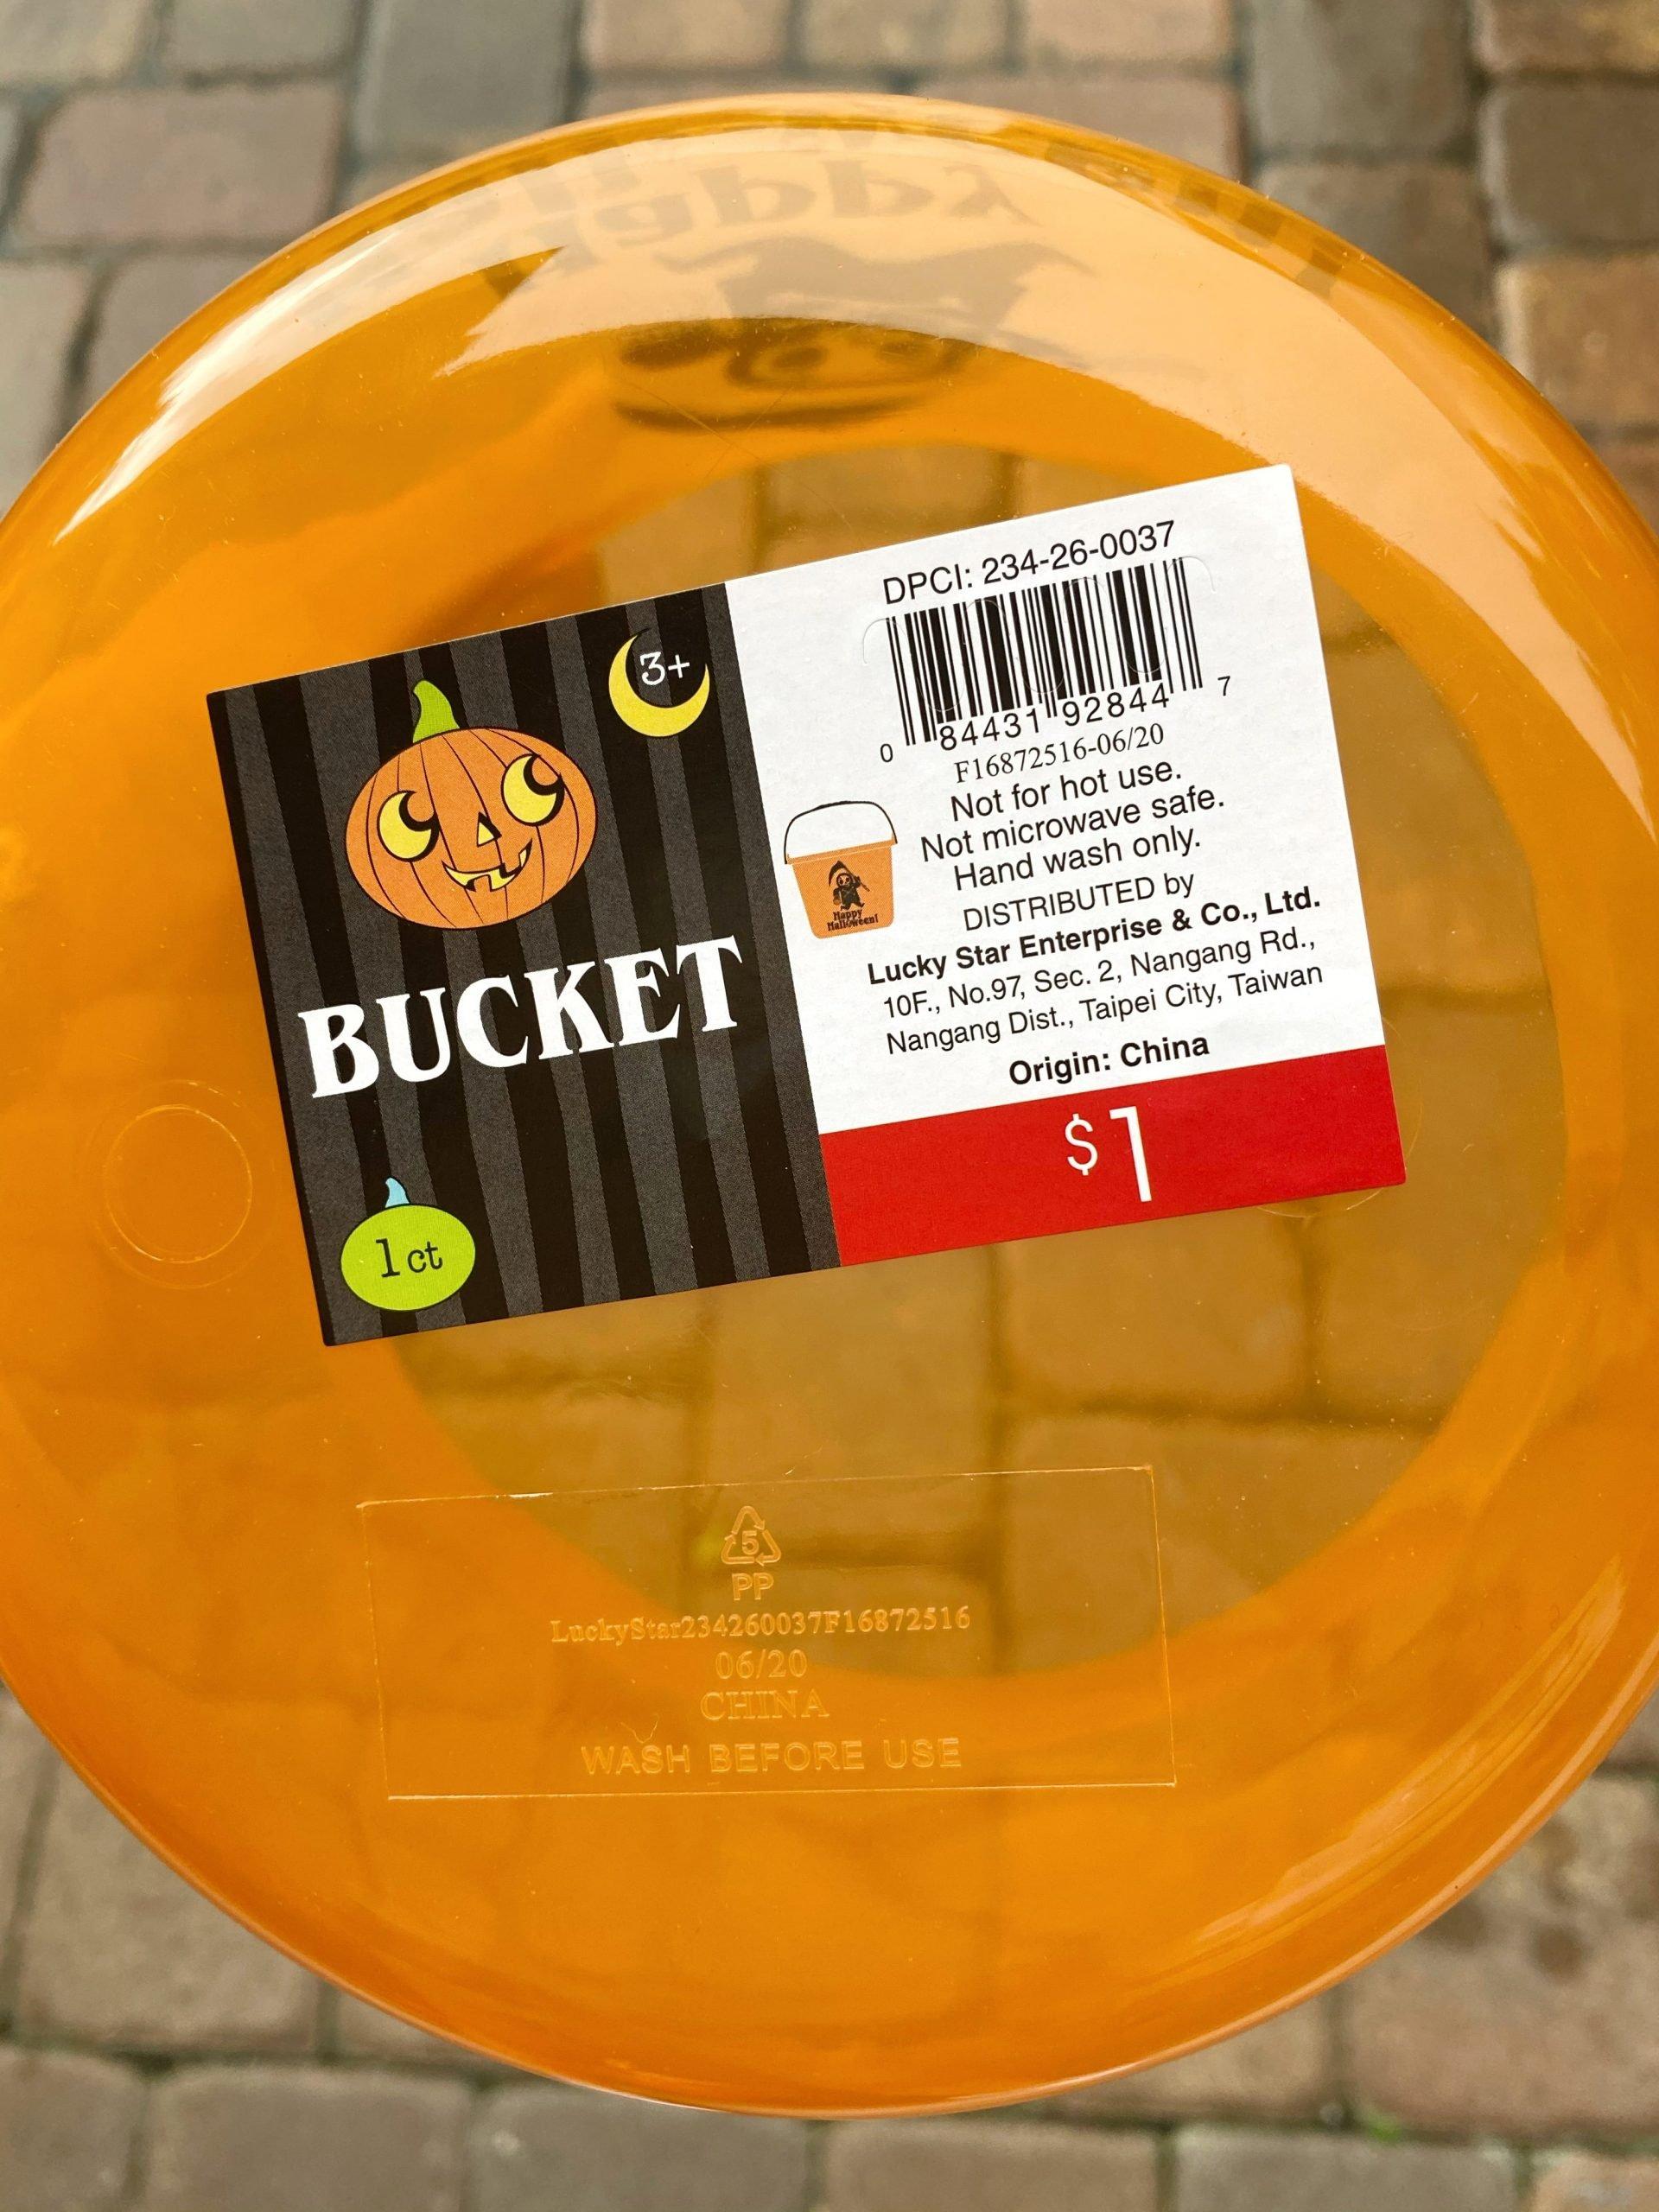 $1 Halloween Bucket from Target